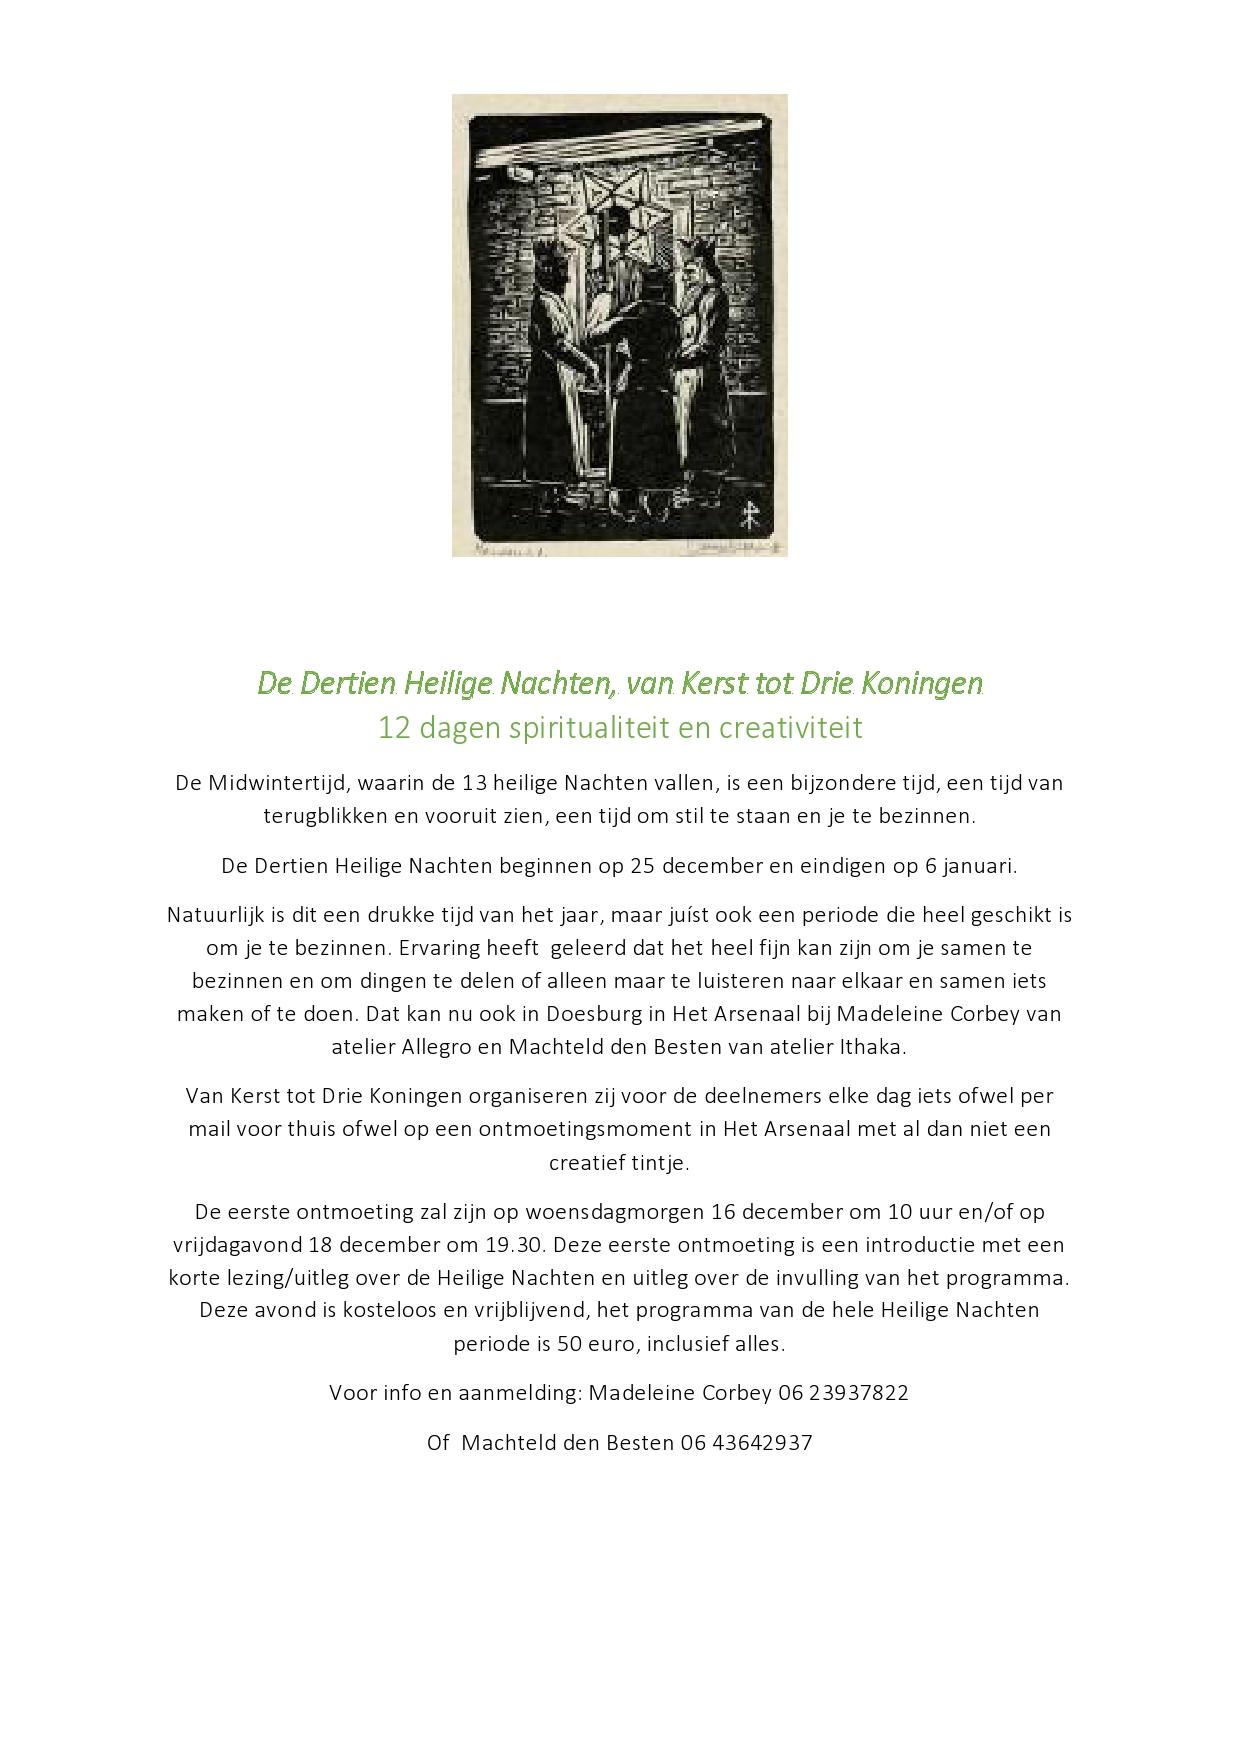 De Dertien Heilige Nachten-page0001